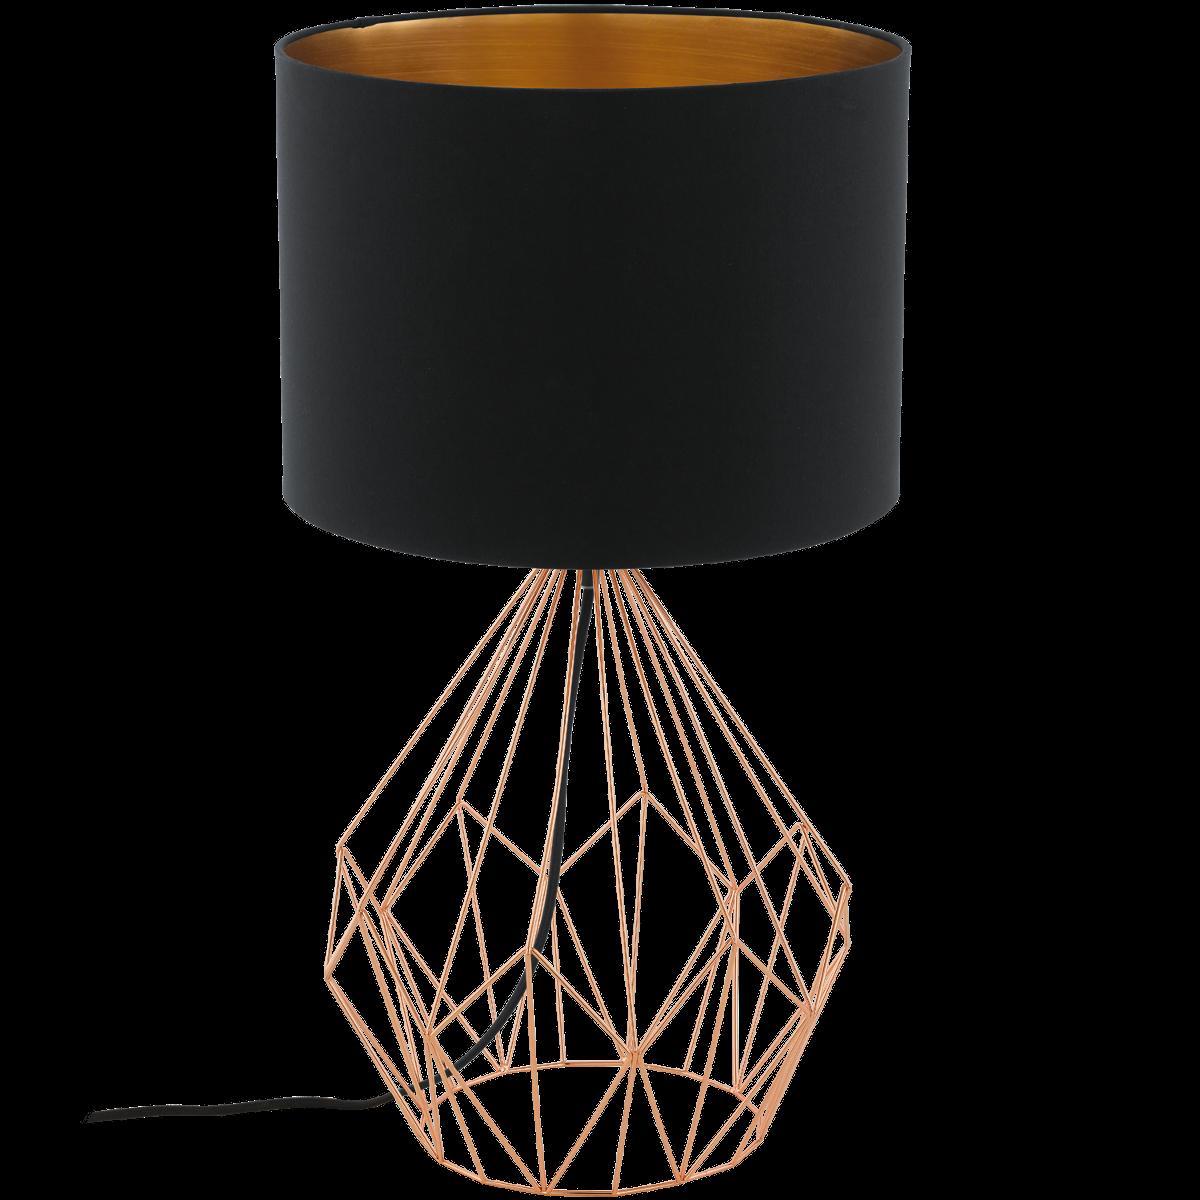 eglo pedregal 1 95185 tischleuchte 60 w kupfer schwarz g nstig kaufen tischleuchten. Black Bedroom Furniture Sets. Home Design Ideas